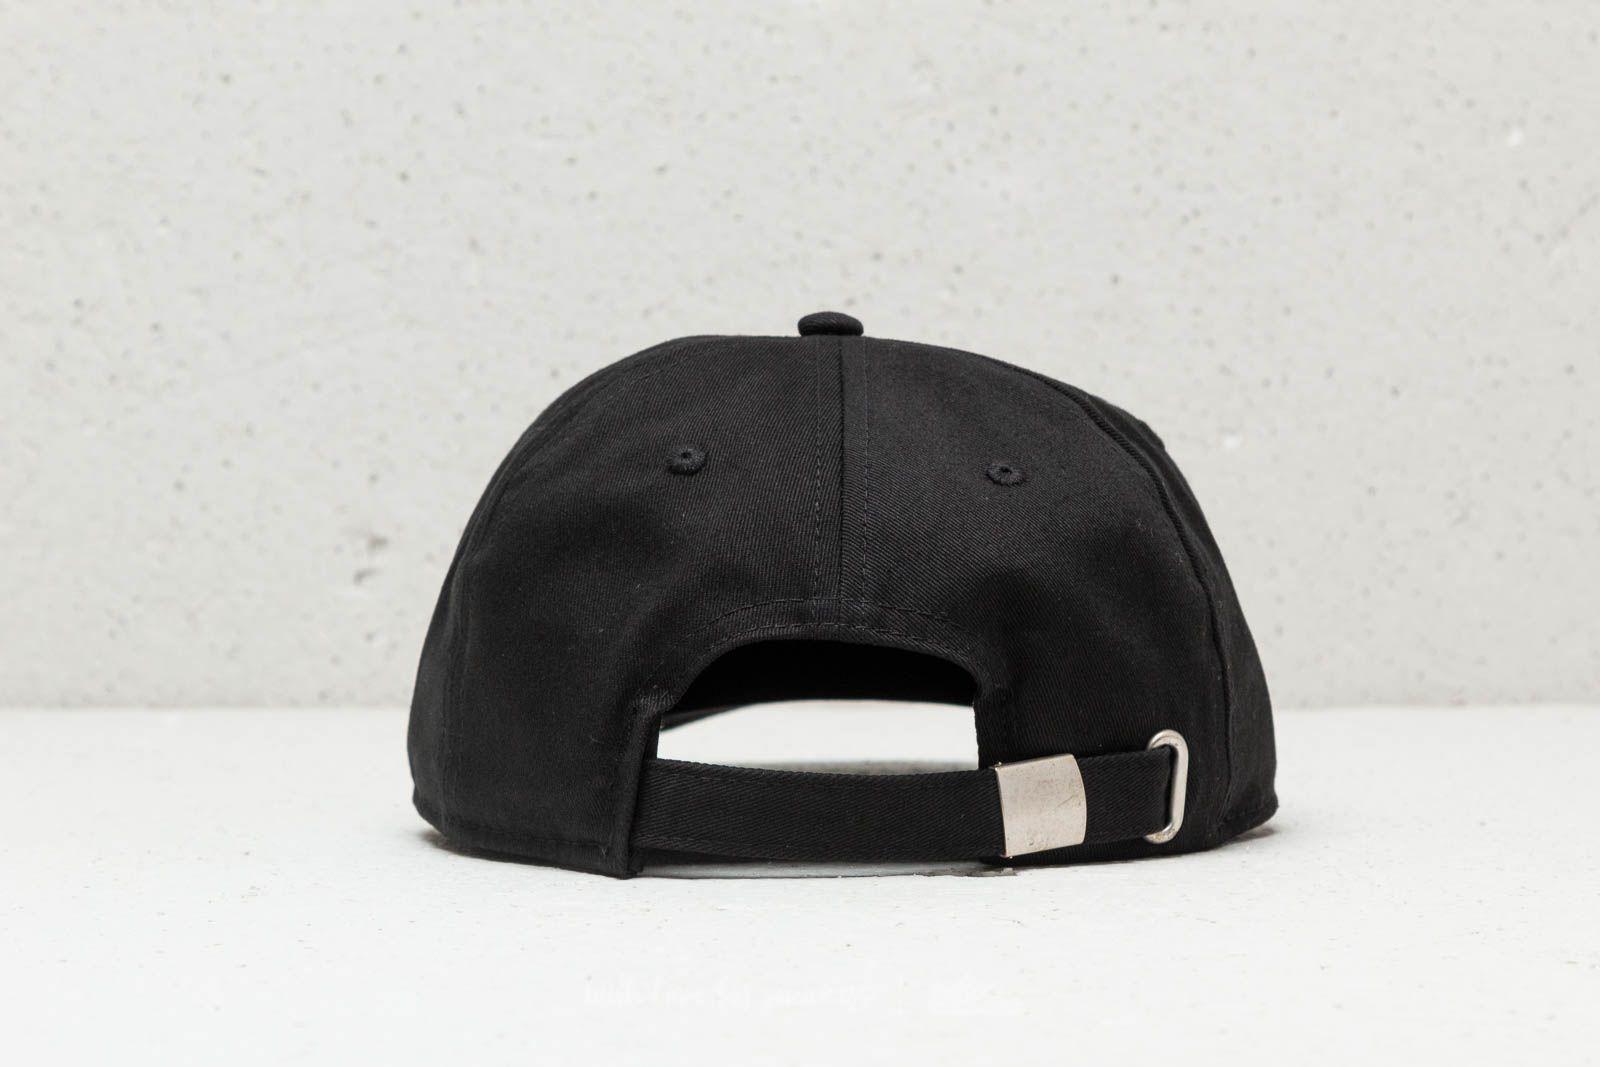 d1295d8c31fd Fila Dad Cap Strapback Black at a great price £19 buy at Footshop